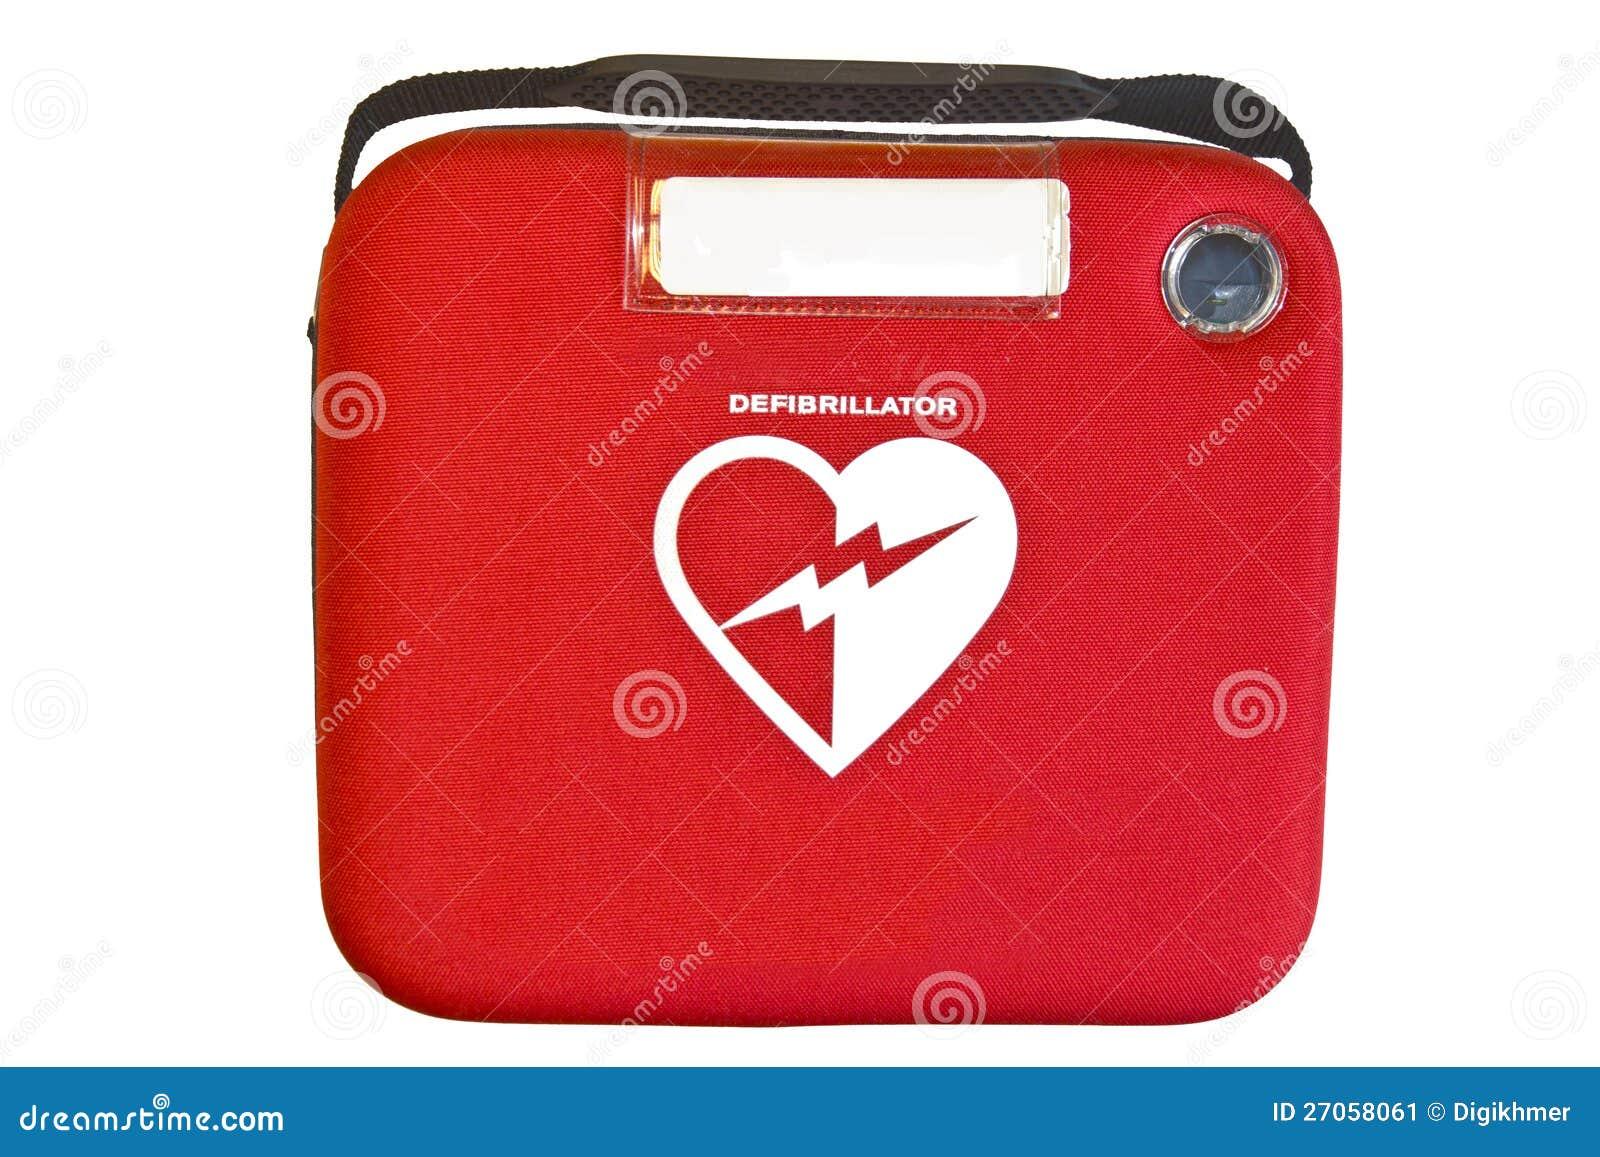 Автоматизированные внешние дефибриллятор или AED